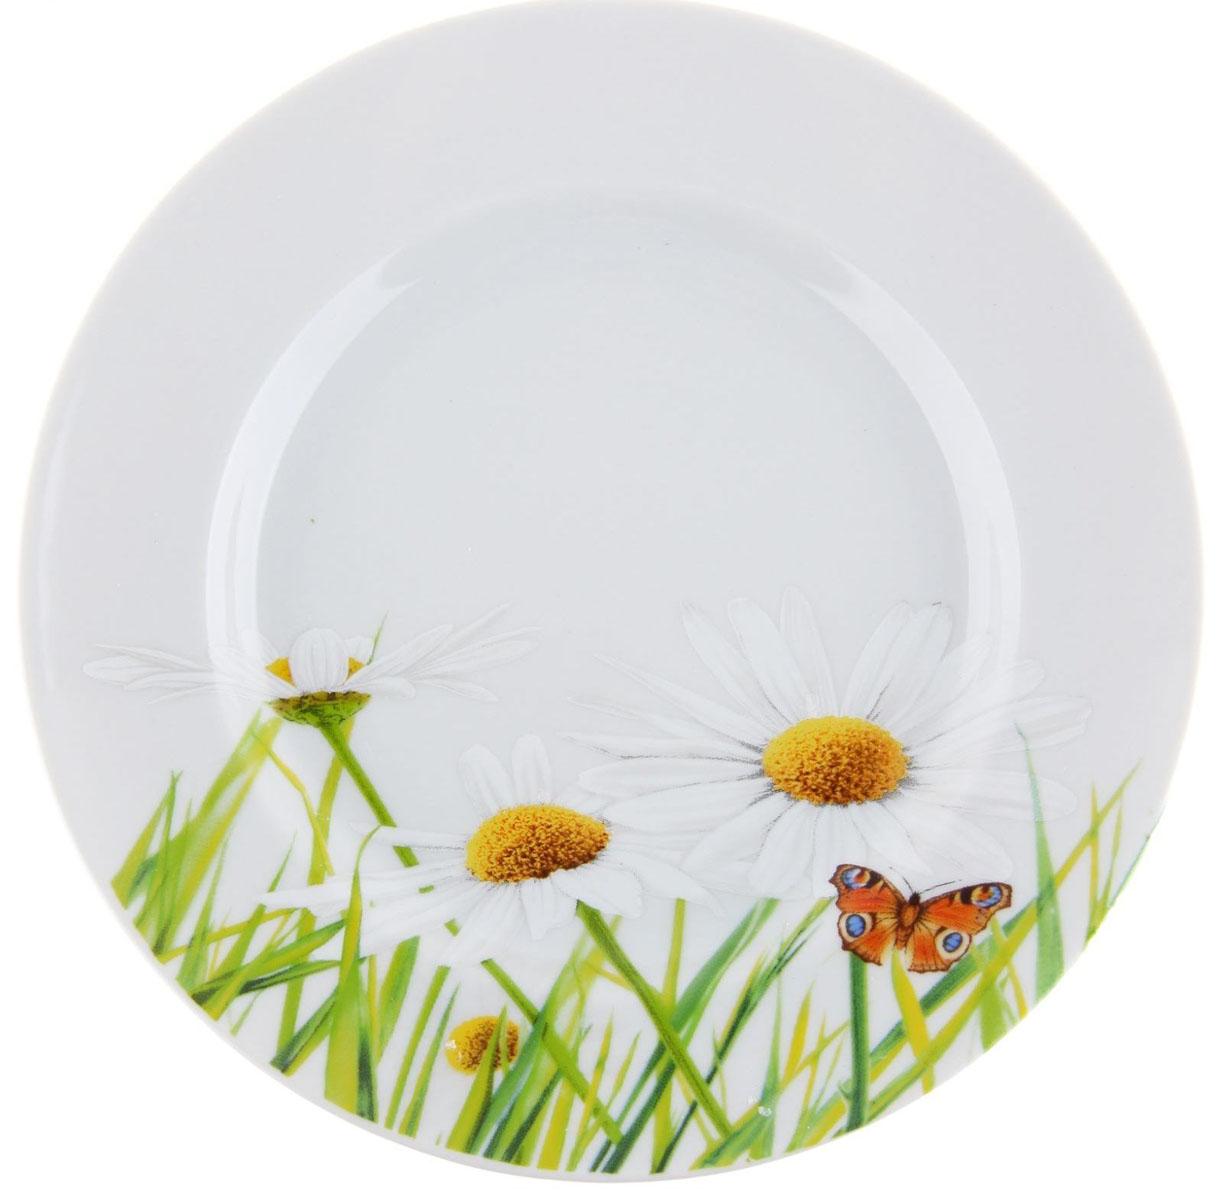 Тарелка мелкая Идиллия. Ромашка, диаметр 20 см. 5С01891280310